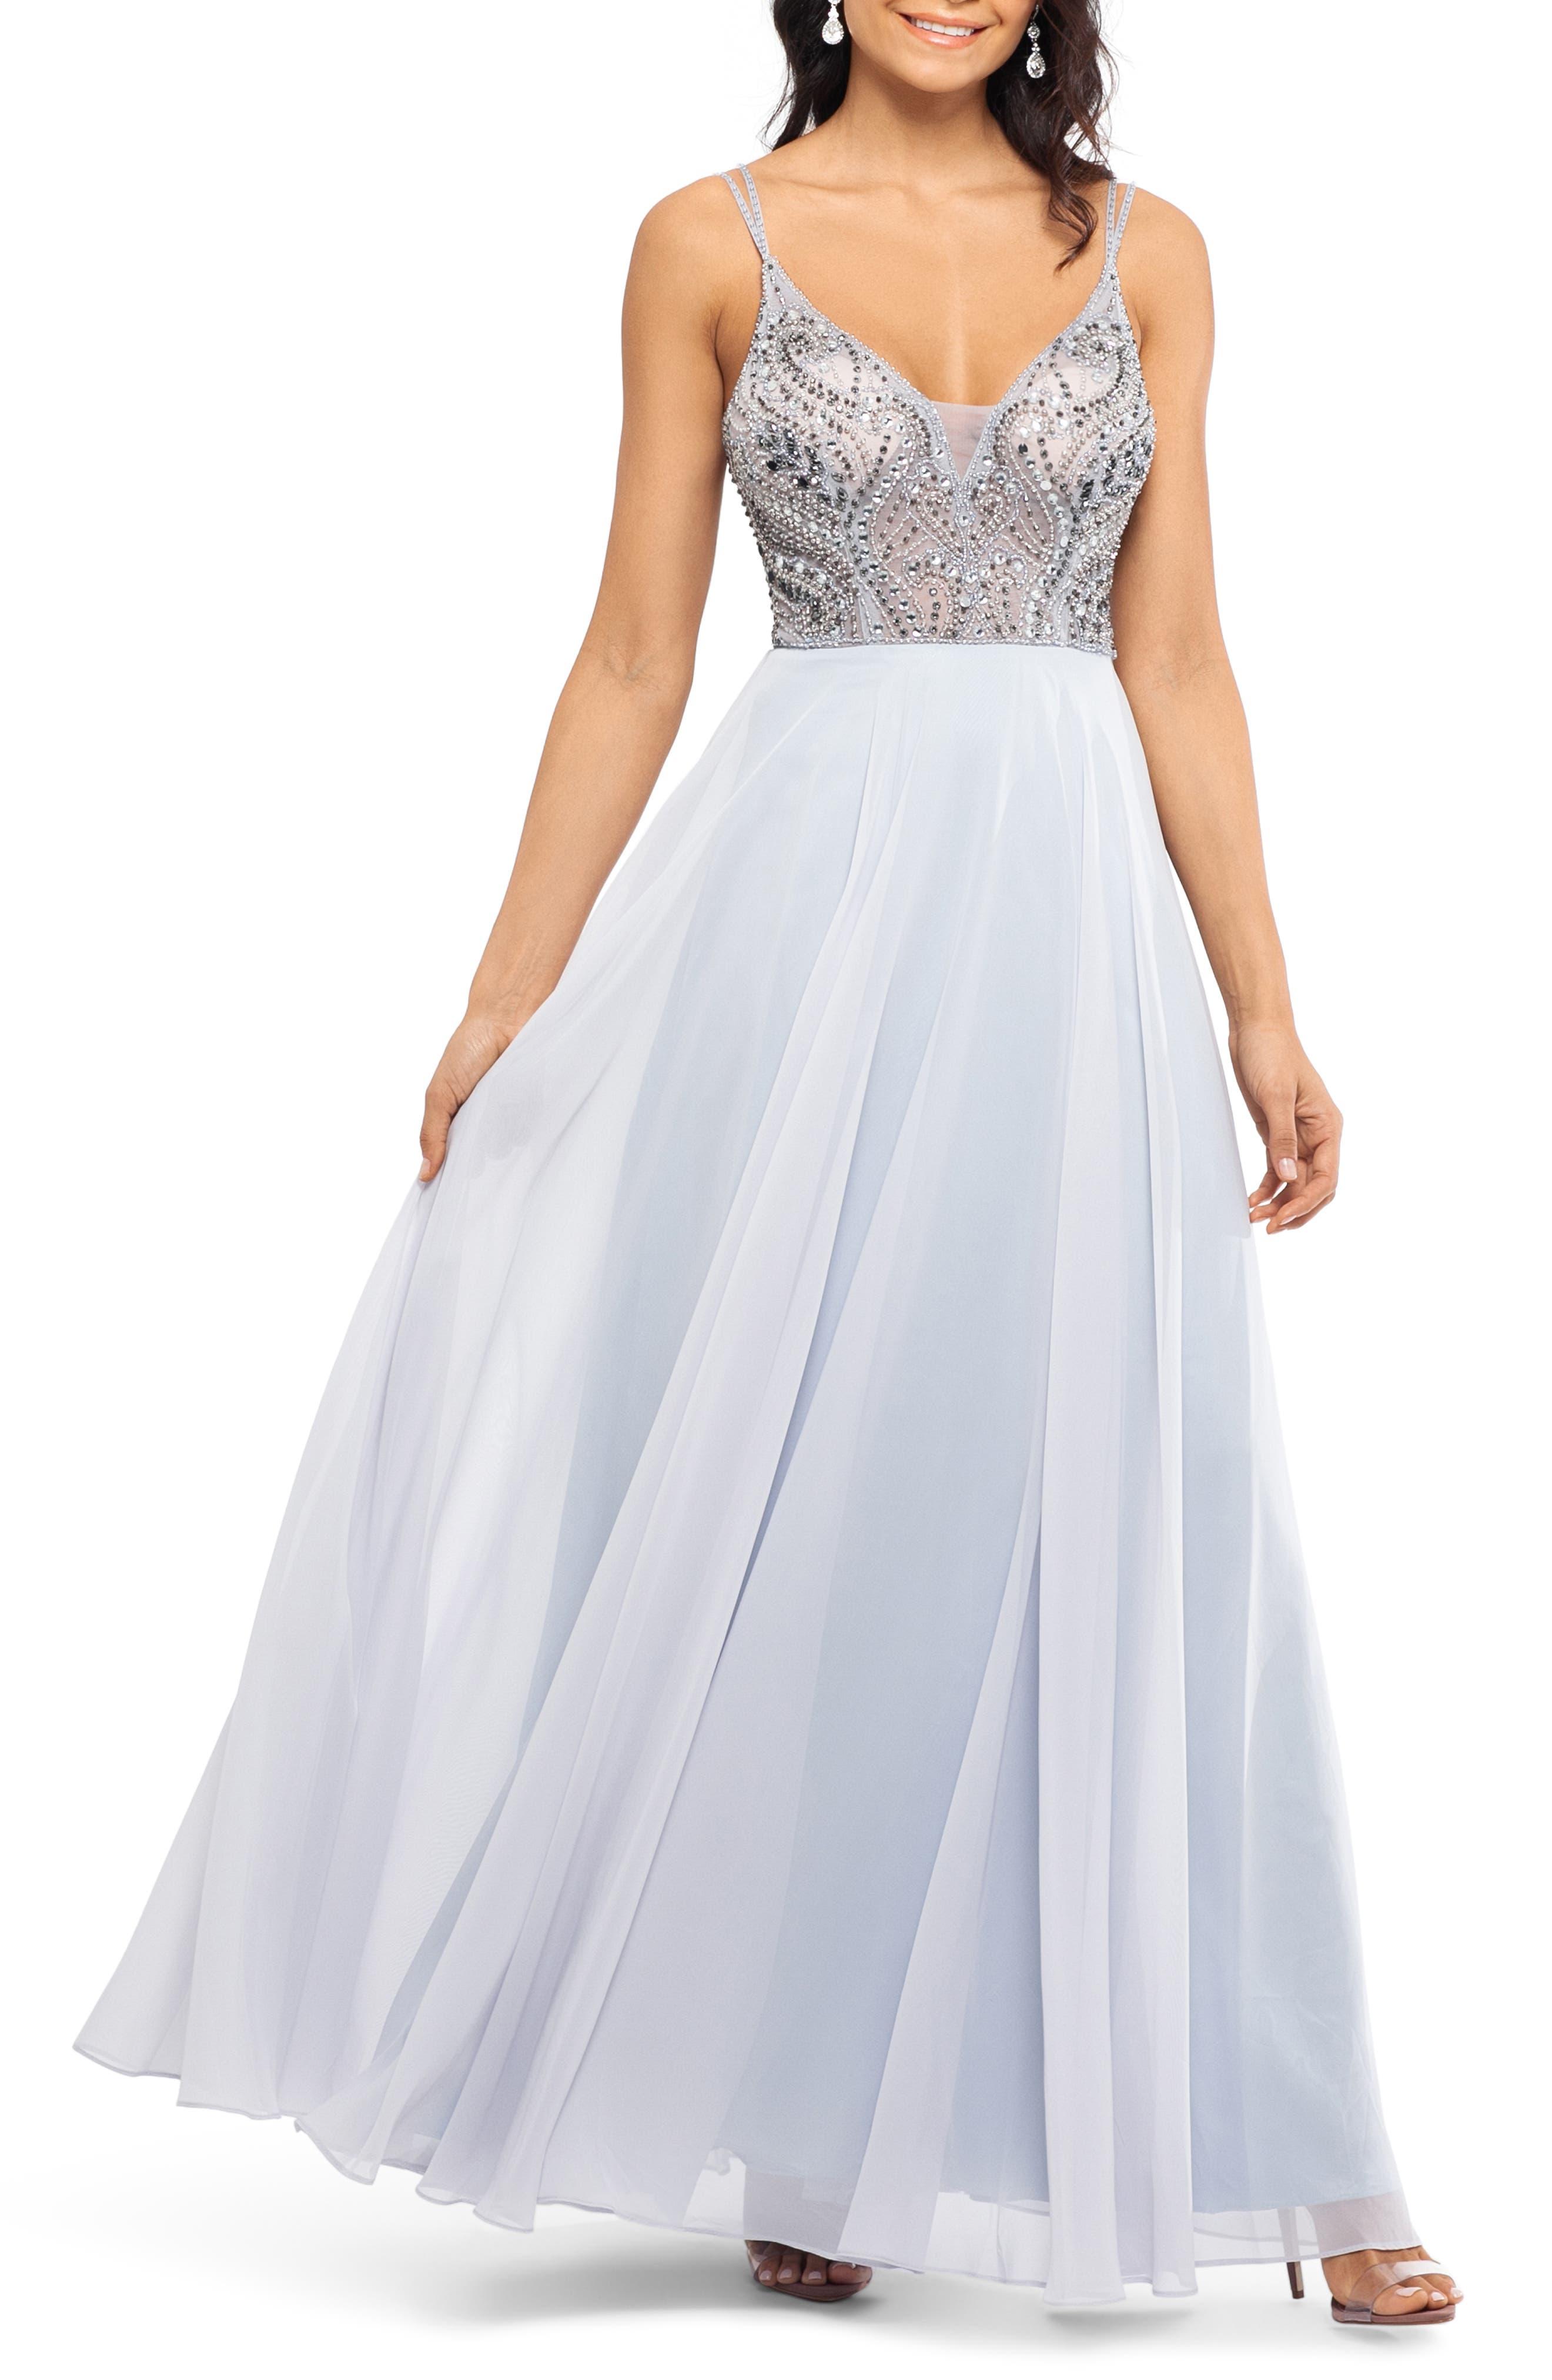 Xscape Embellished Illusion Bodice V-Neck Chiffon Evening Dress, Metallic